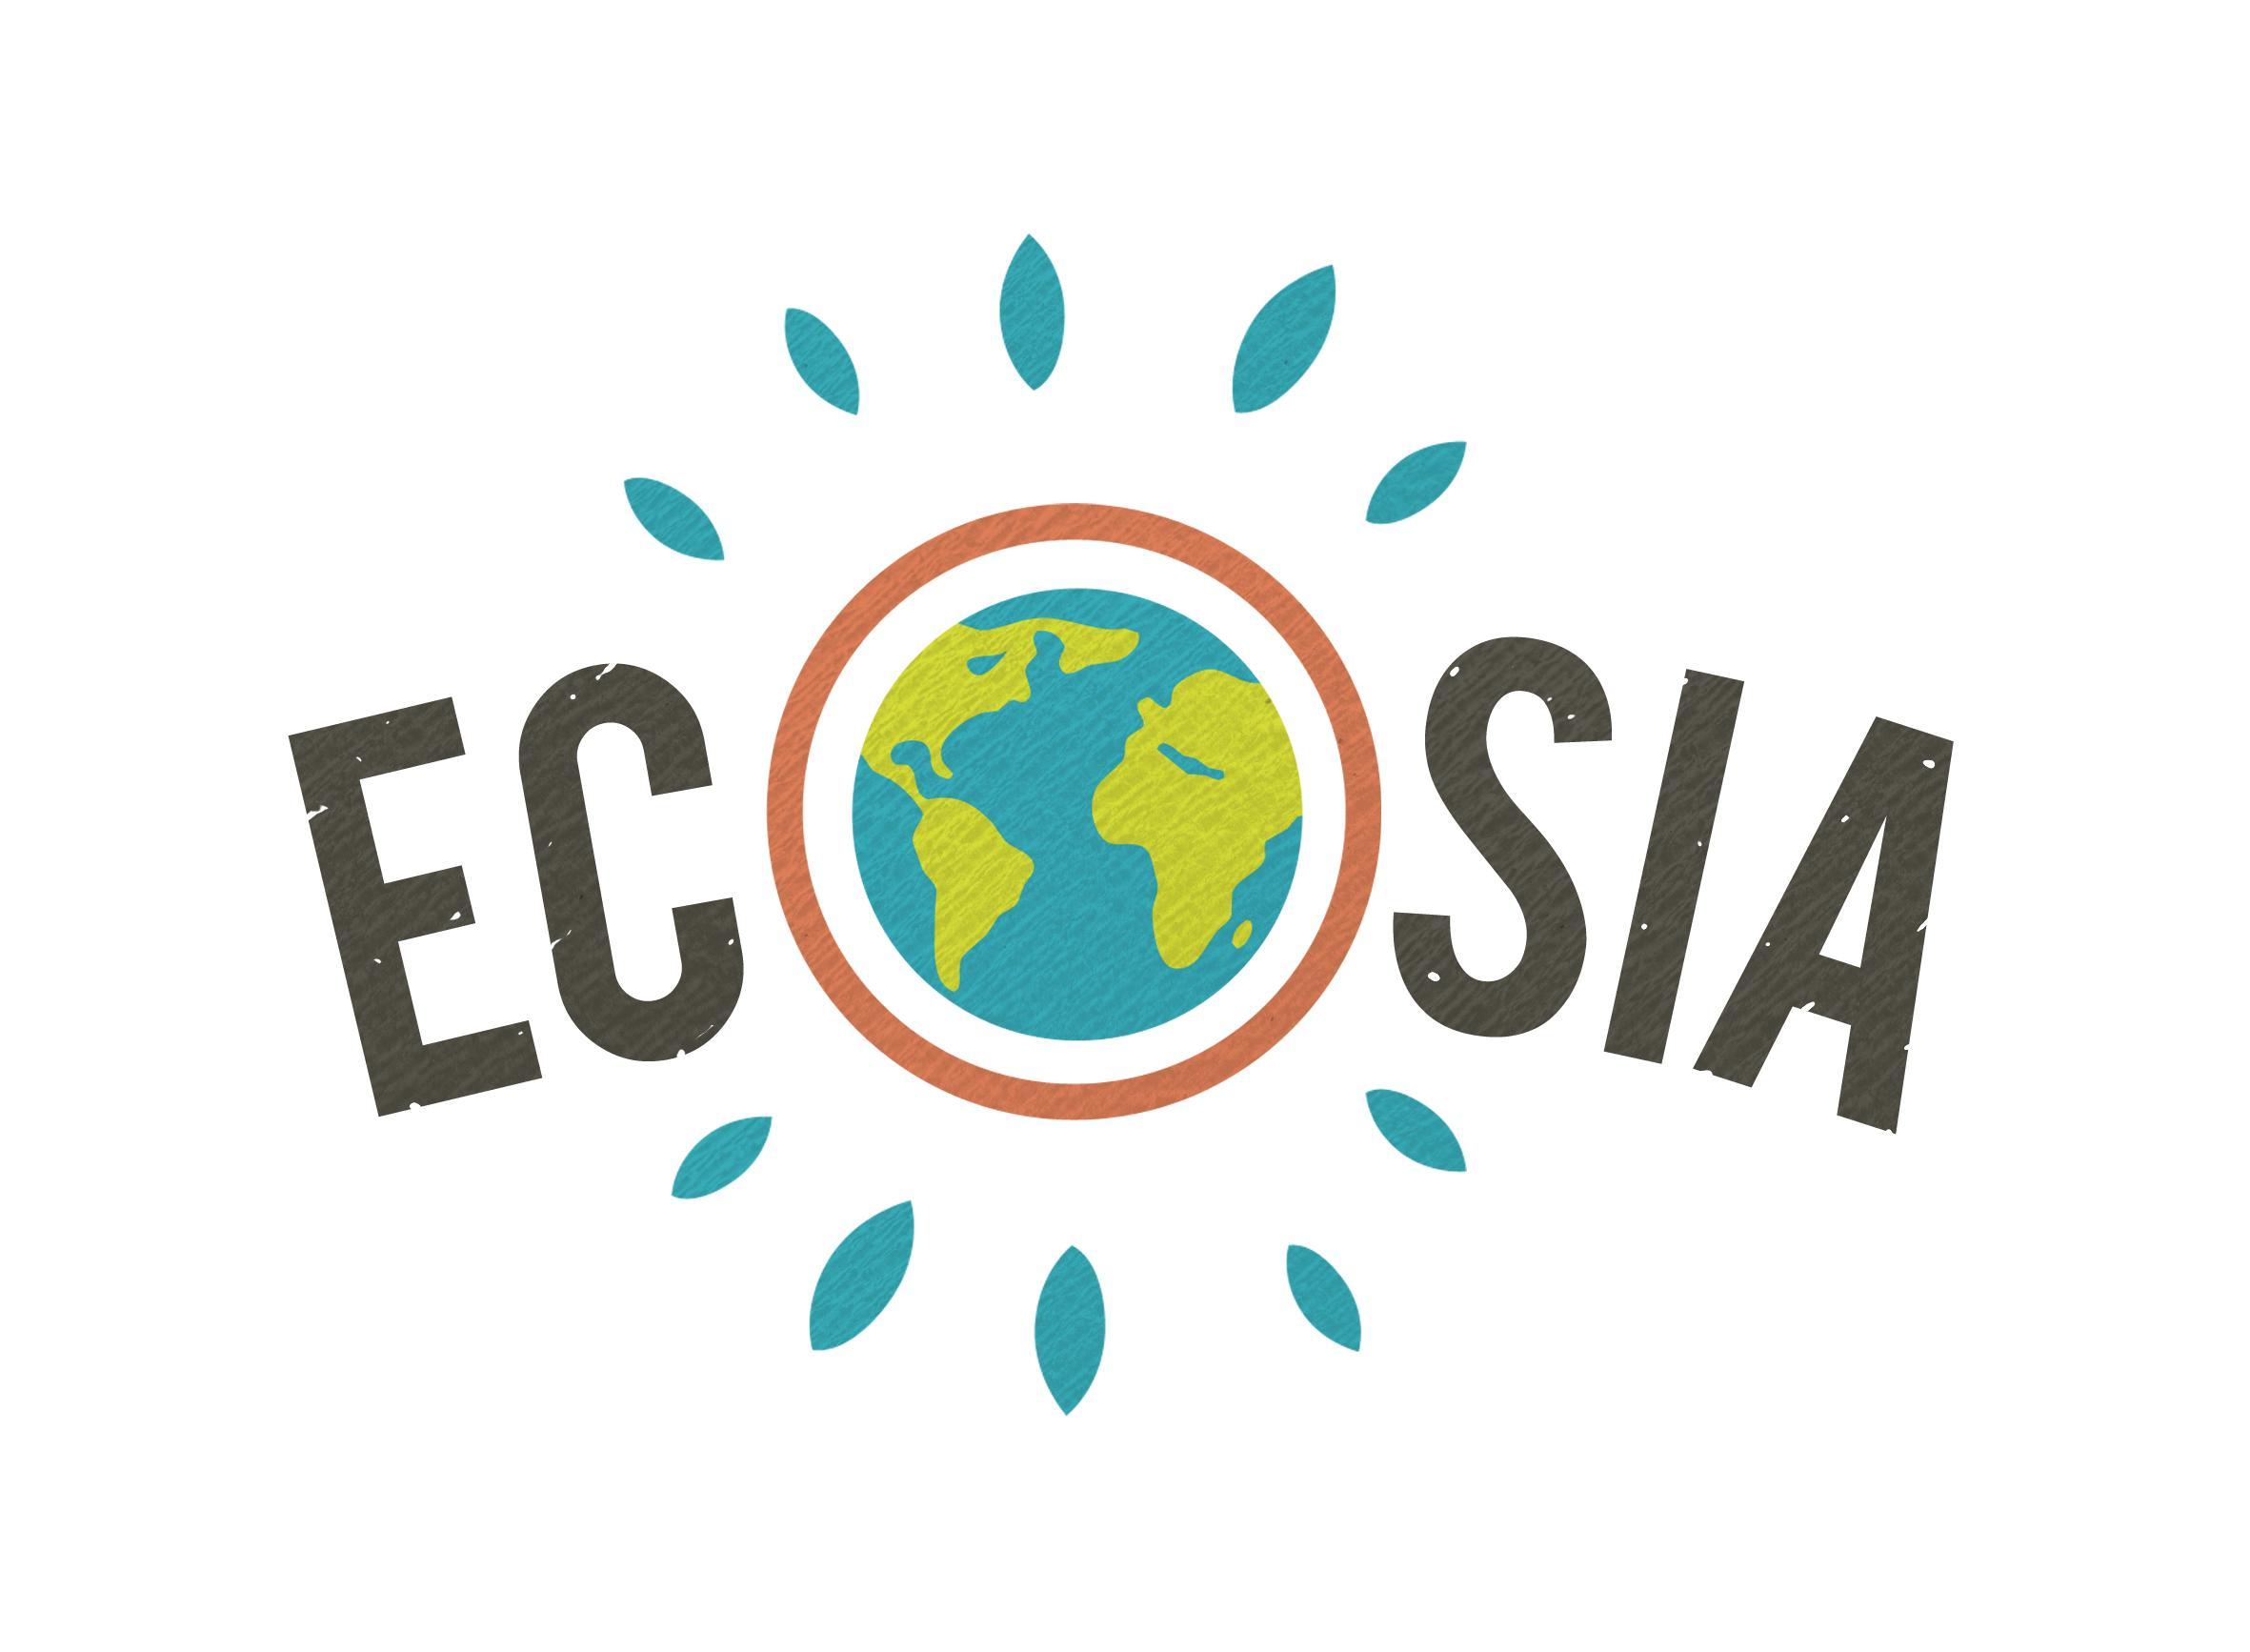 ECOSIA: L'ECO METAMOTORE DI RICERCA CHE AIUTA LA NATURA